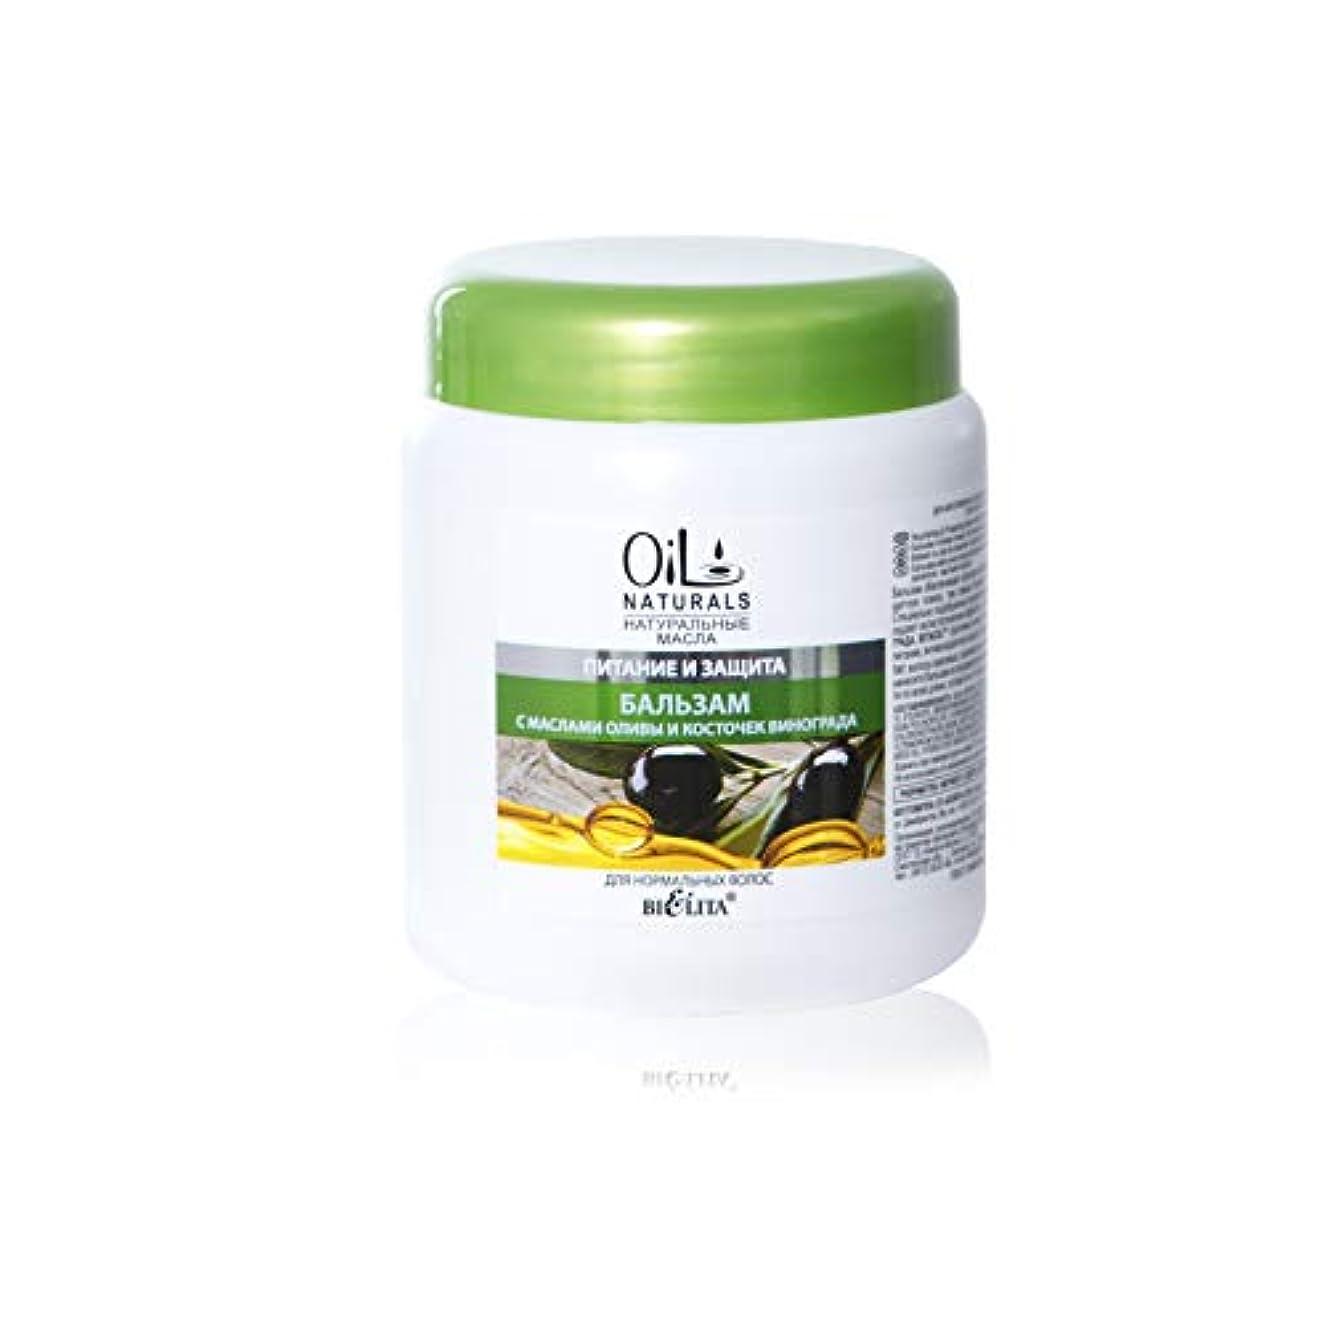 タンカー縮約奨励Bielita & Vitex Oil Naturals Line | Nutrition & Protection Balm for Normal Hair, 450 ml | Grape Seed Oil, Silk...